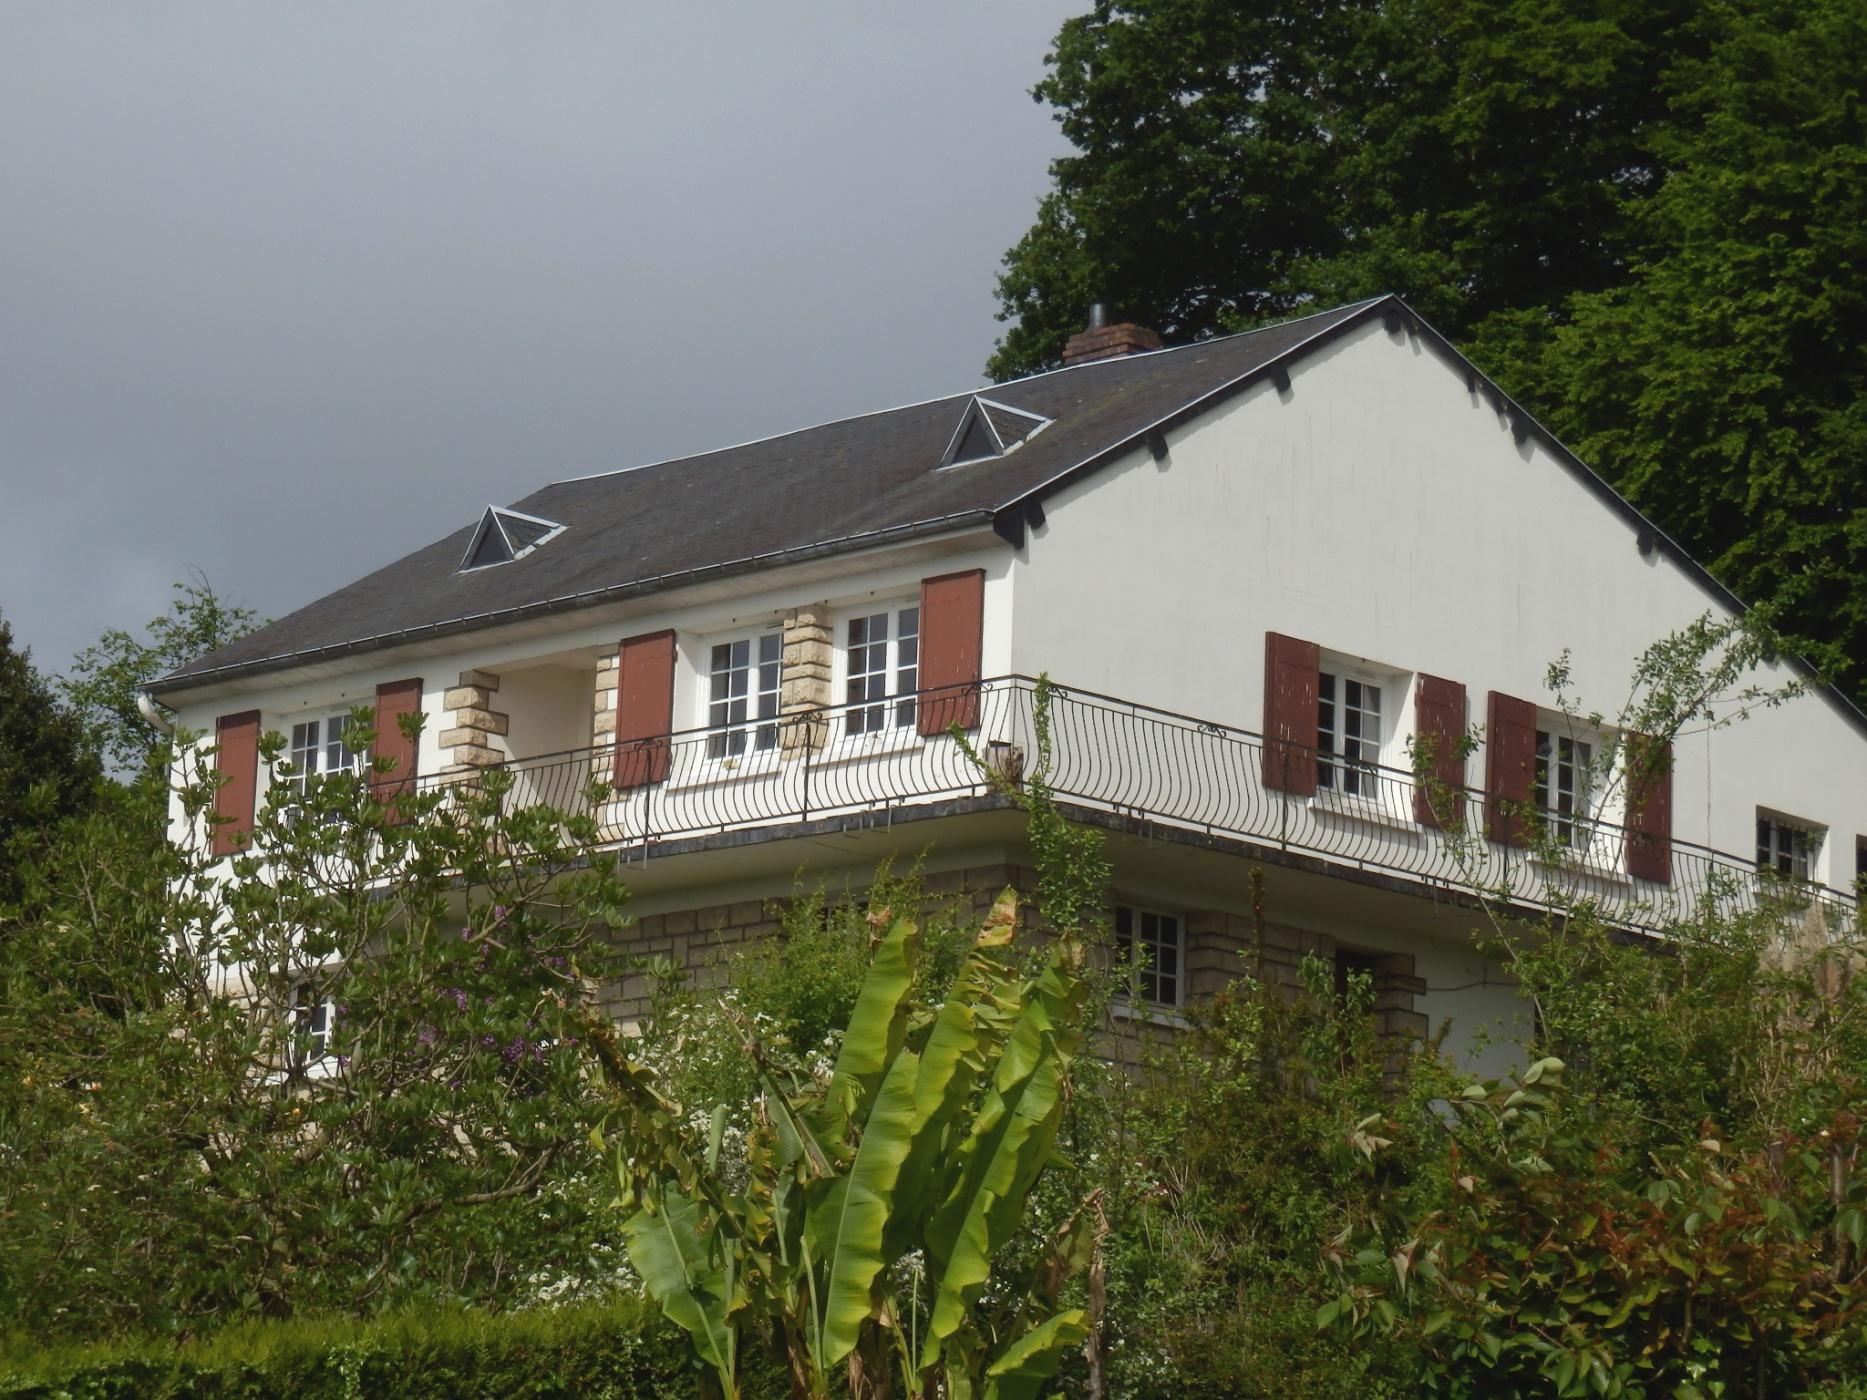 Acheter vente d 39 une maison individuelle de plain pied for Achat d une maison individuelle